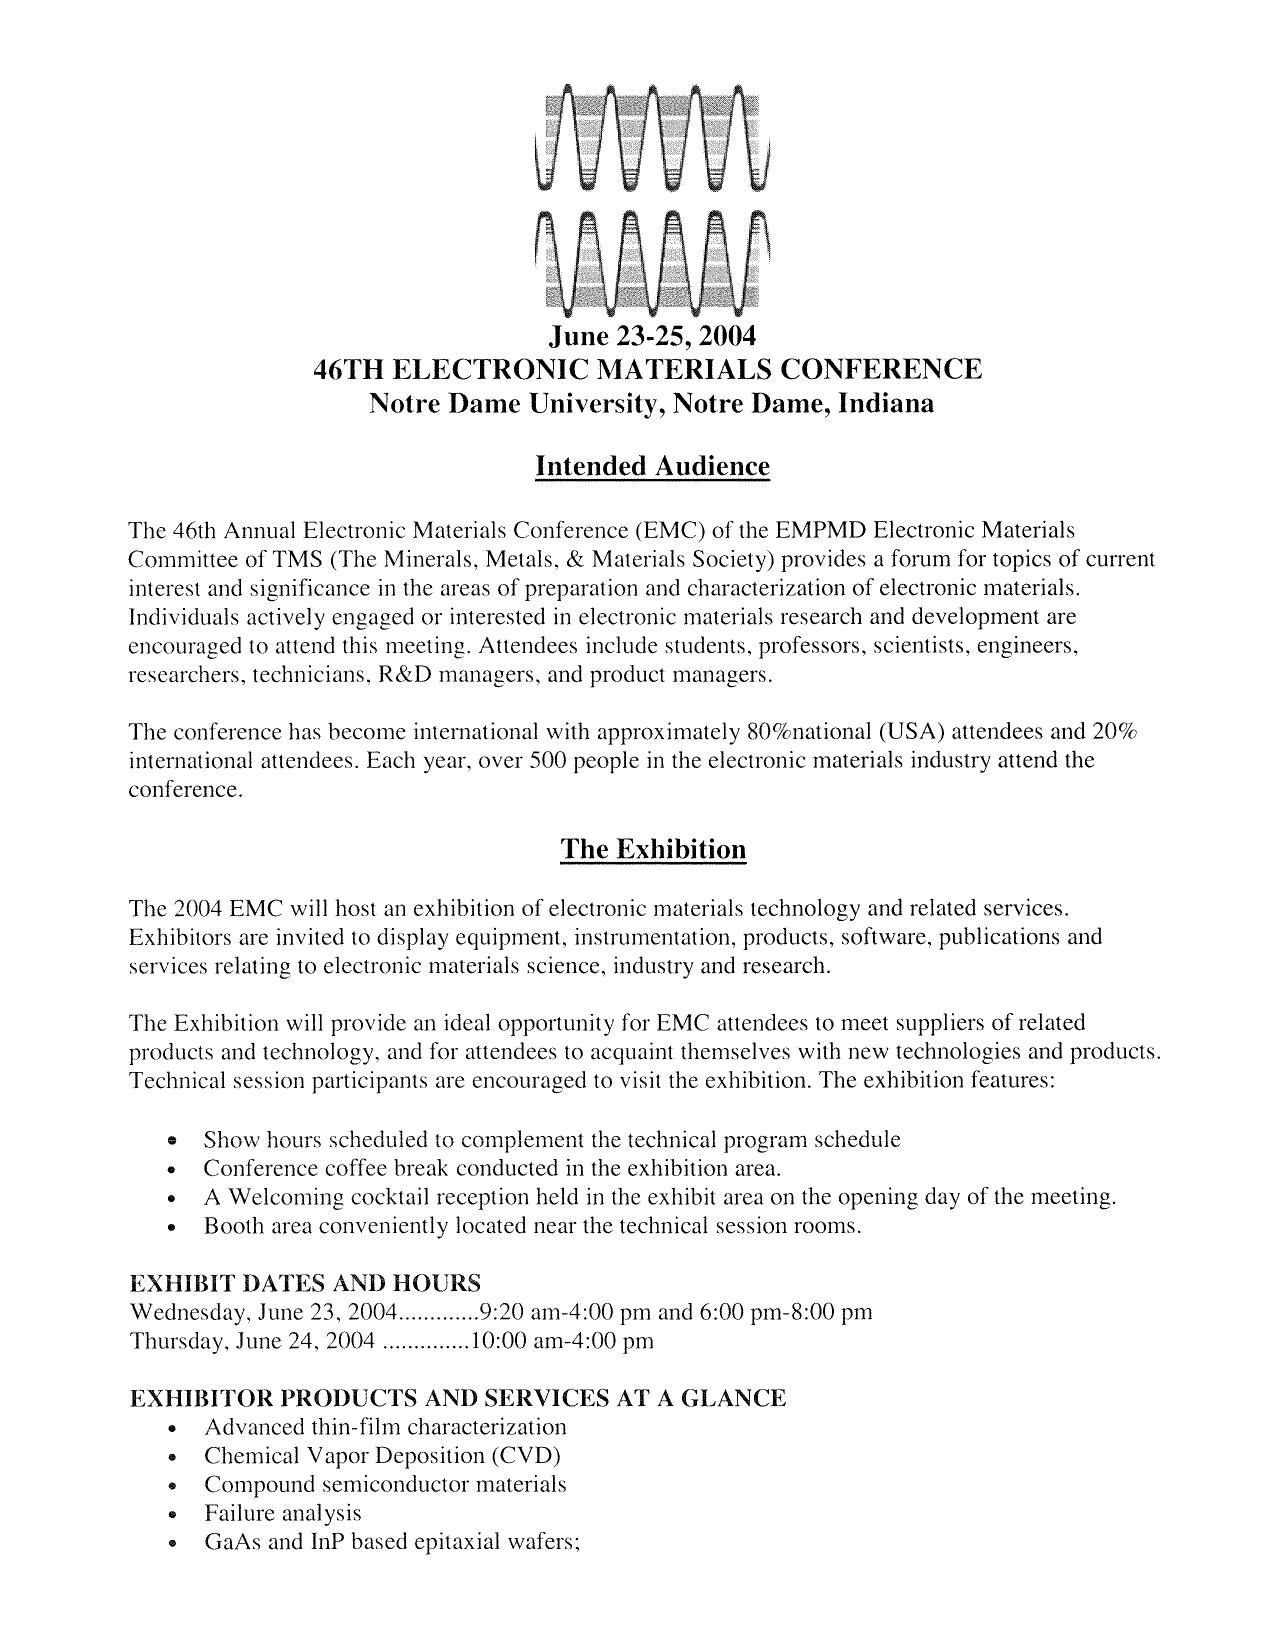 pdf for Niles Speaker CM6.3Si manual